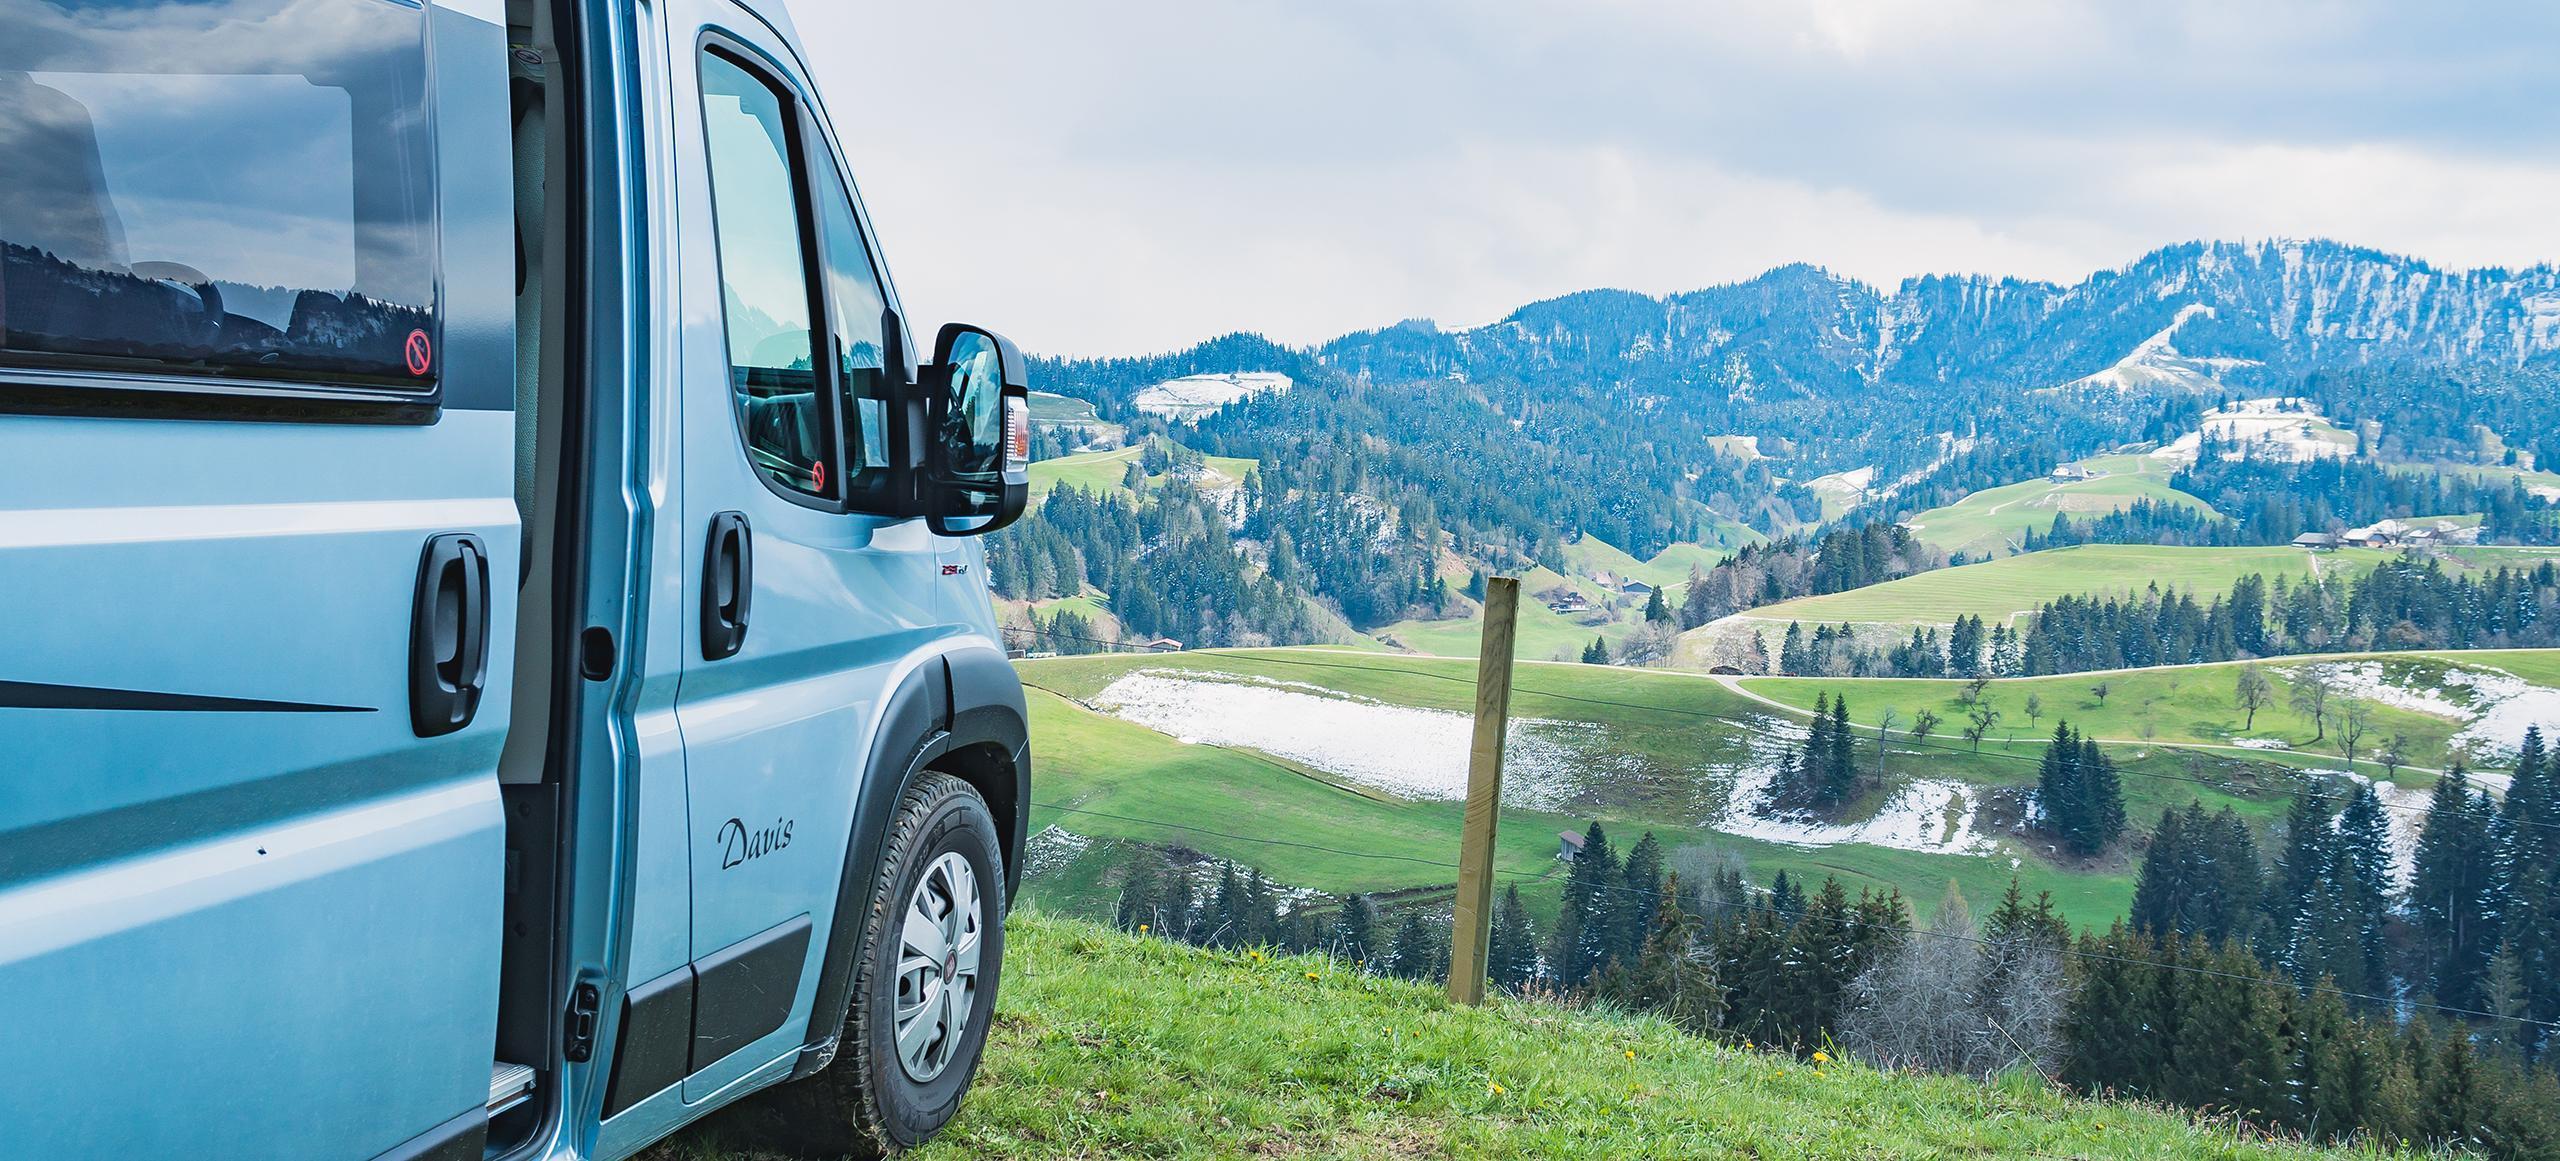 Les campings sont complets ? Voici les alternatives pour camper en Suisse